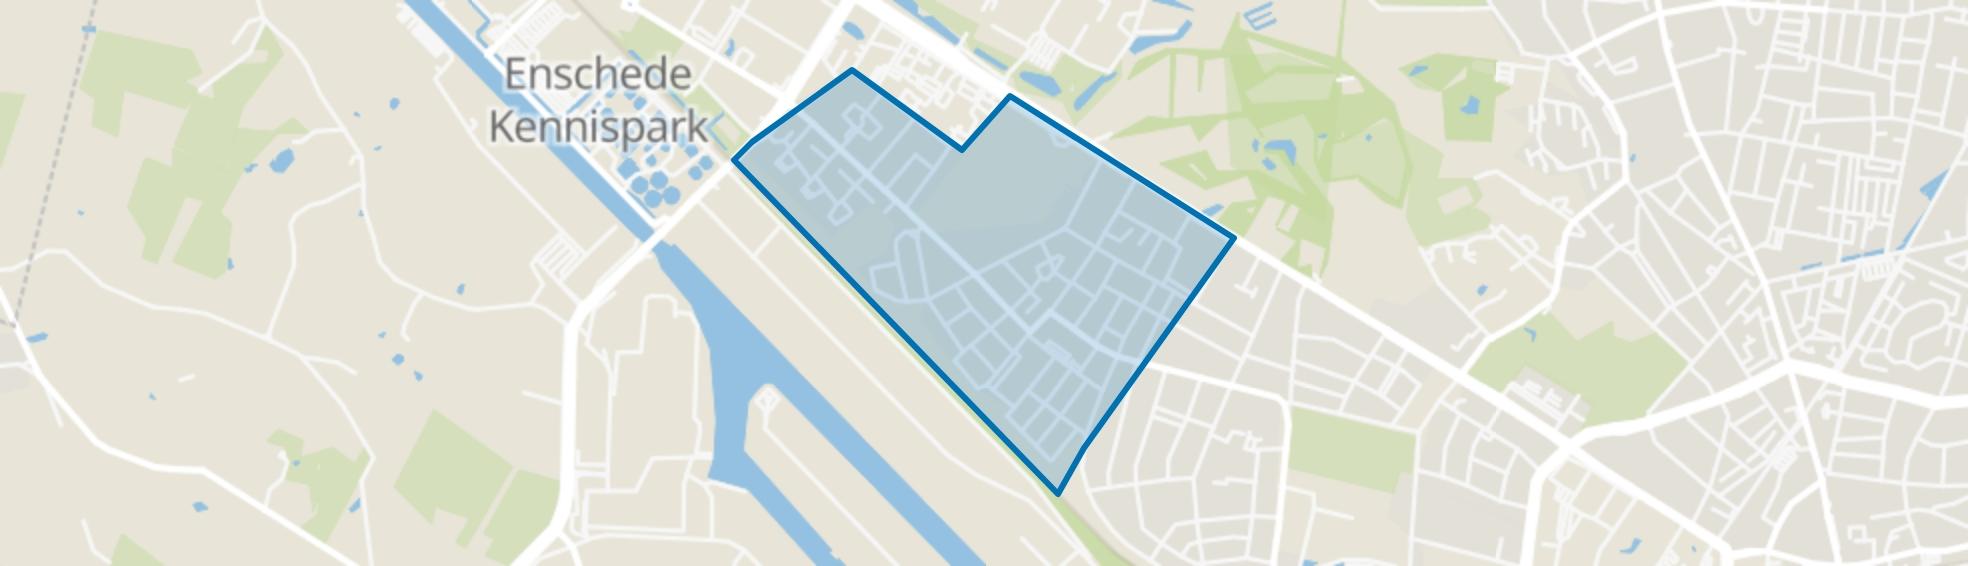 Twekkelerveld, Enschede map